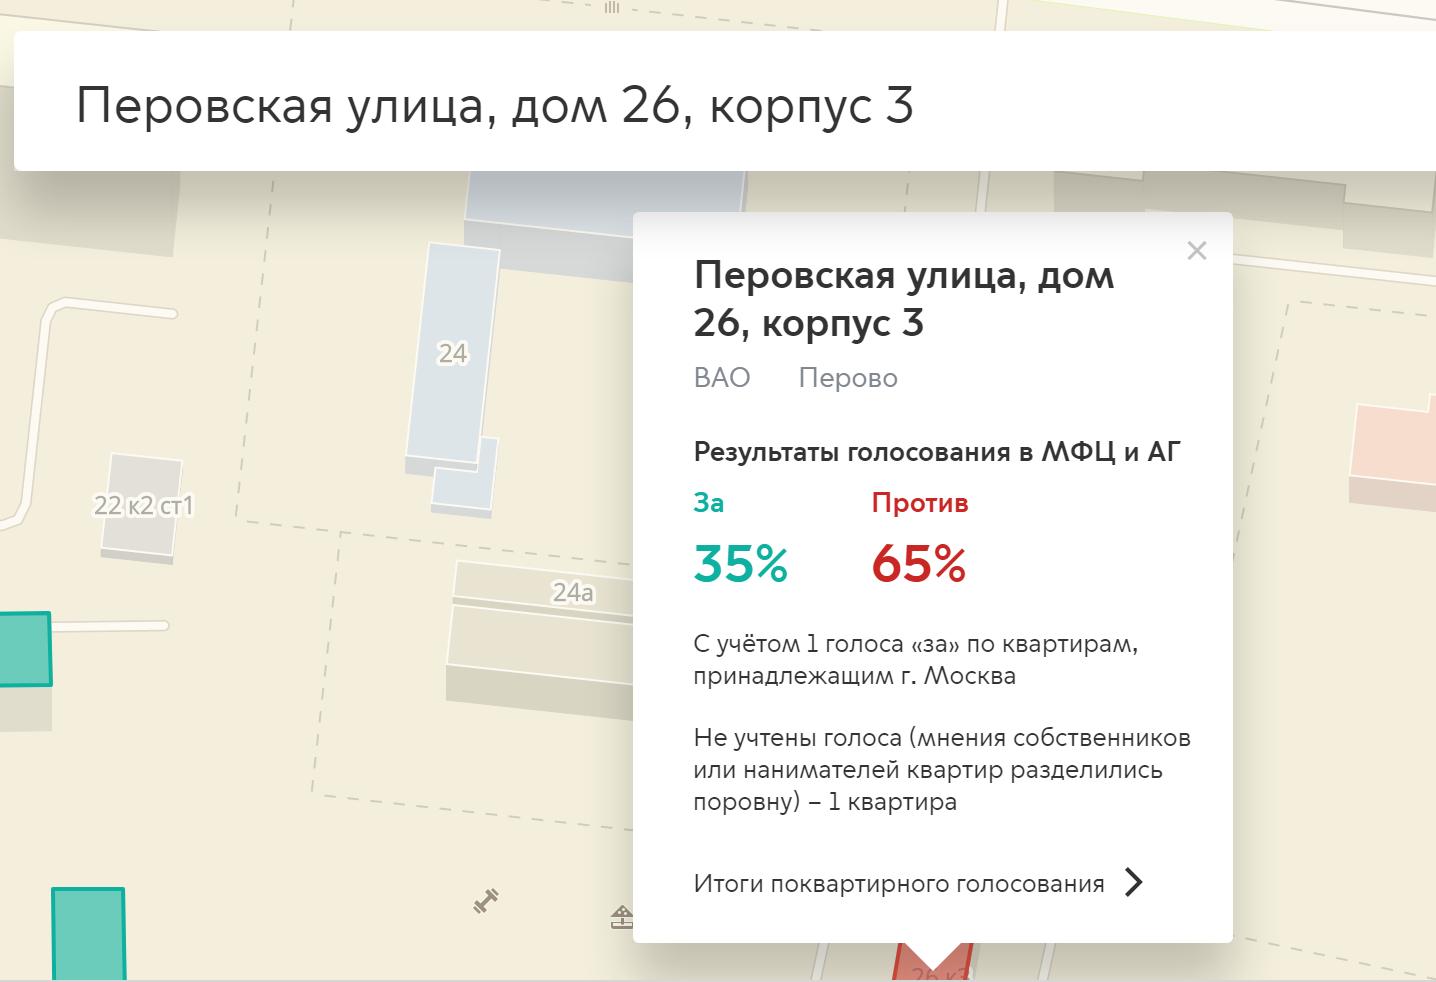 Москвичи обвинили Мосжилинспекцию в фальсификациях: дома, проголосовавшие против реновации, получили объявления о сносе